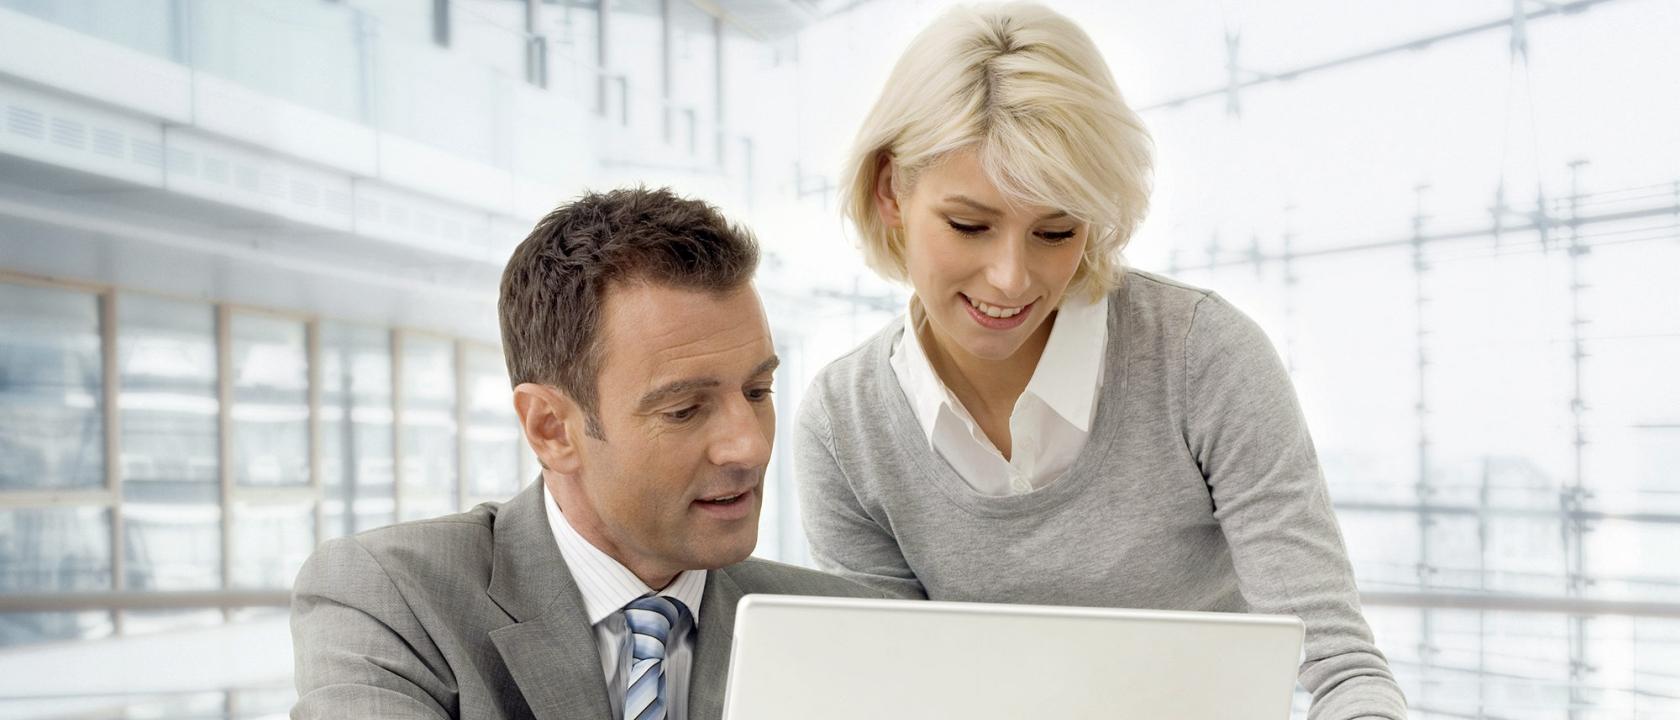 business-internet_eb9d9fe10c422cae639f283986601cf5_1680x720